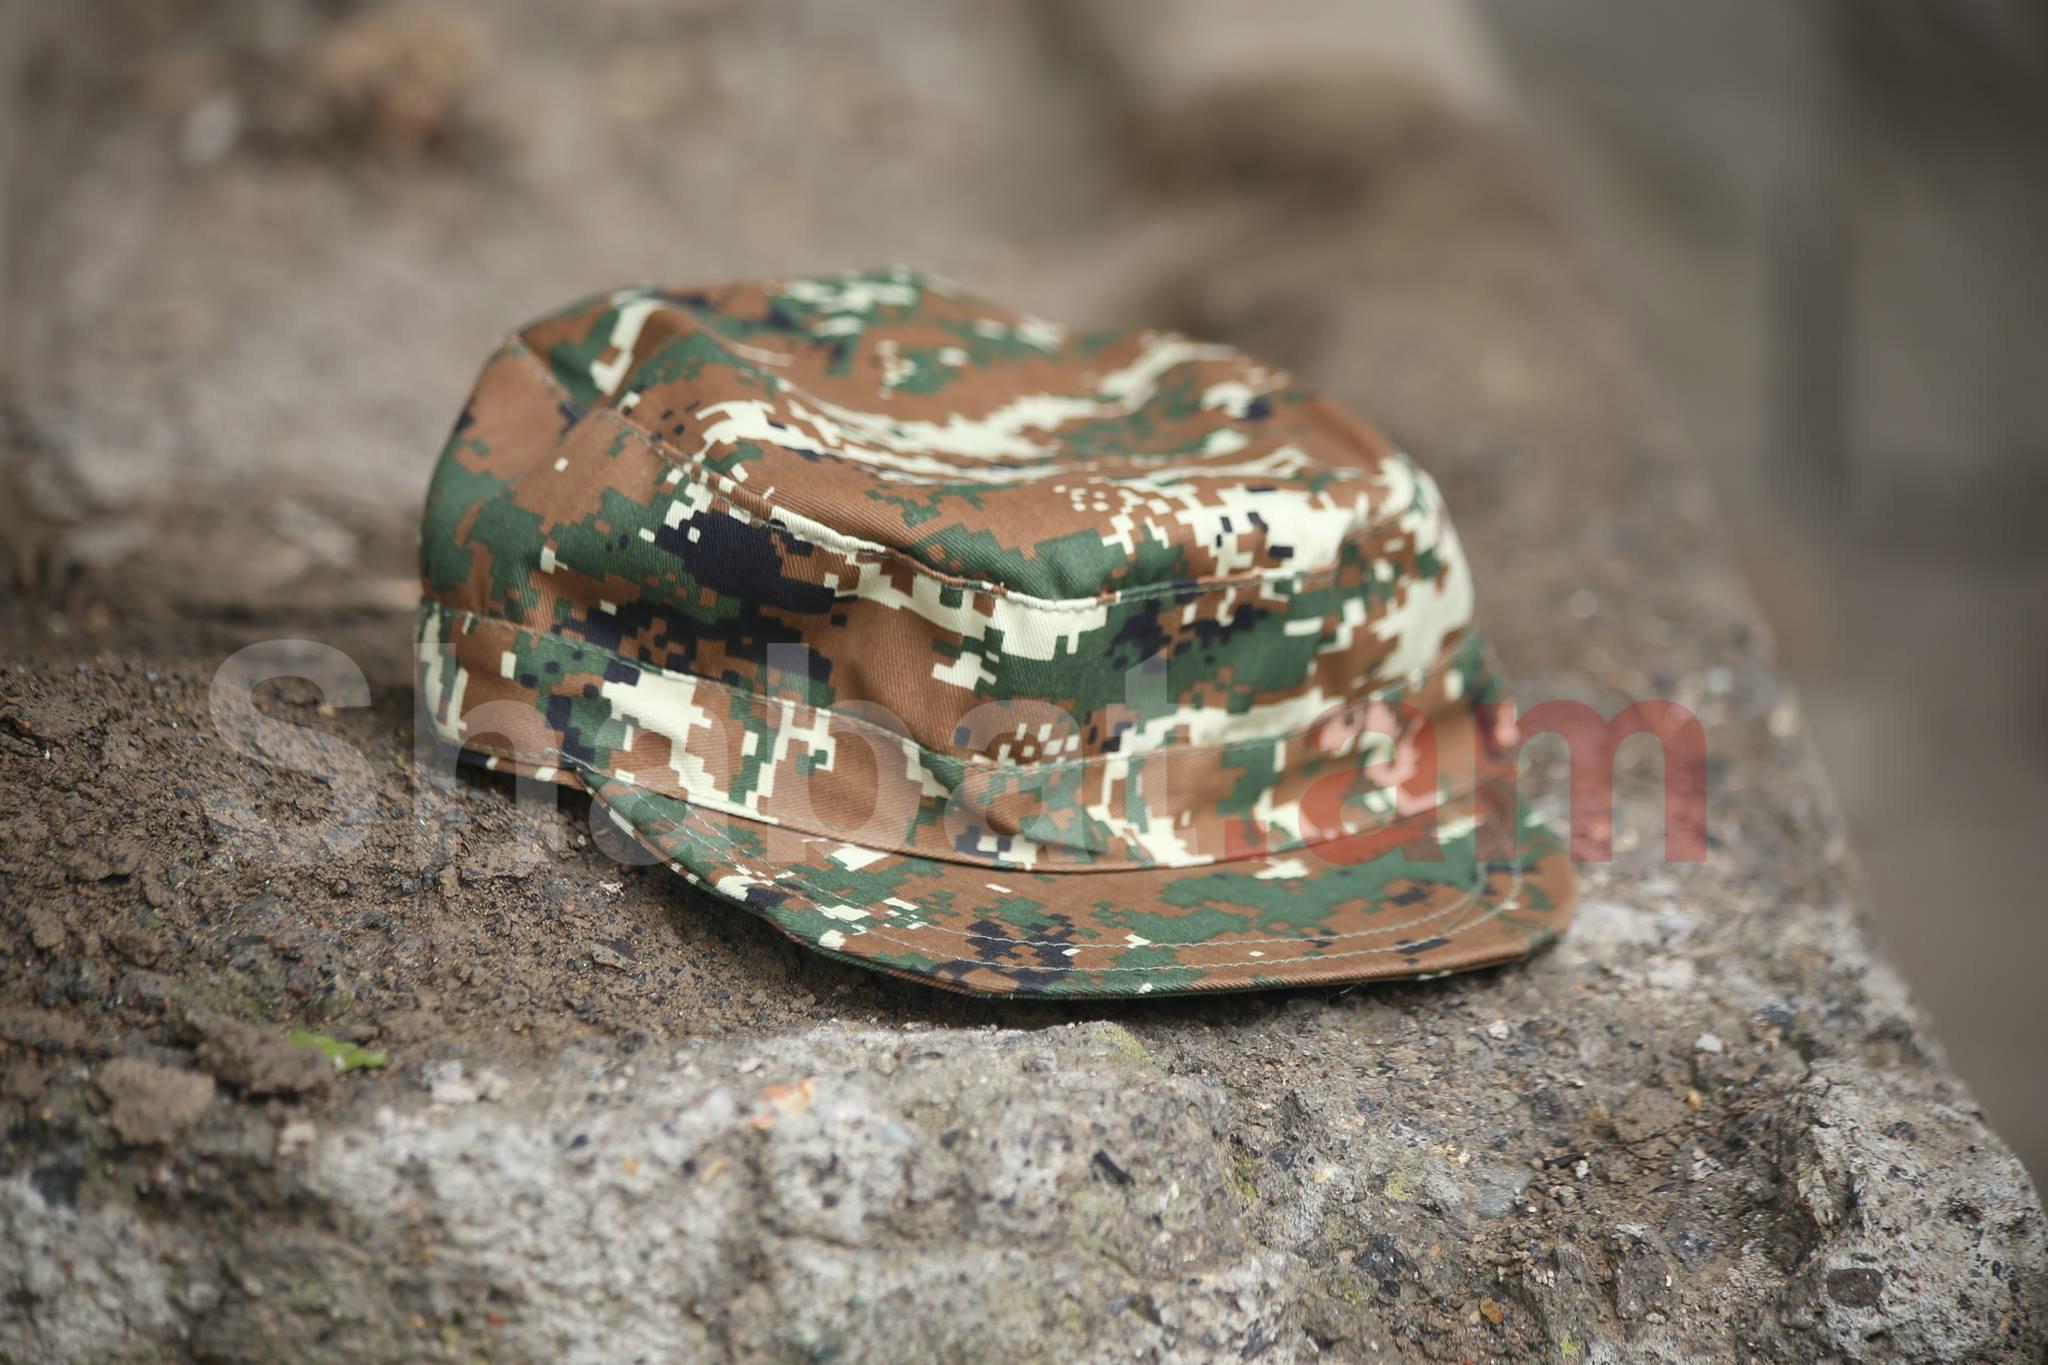 Գեղարքունիքի մարզում ձնահյուսի տակ մնացած պայմանագրային զինծառայողը գնացել էր ձեռնոցի հետևից. մանրամասներ․«Ժողովուրդ»